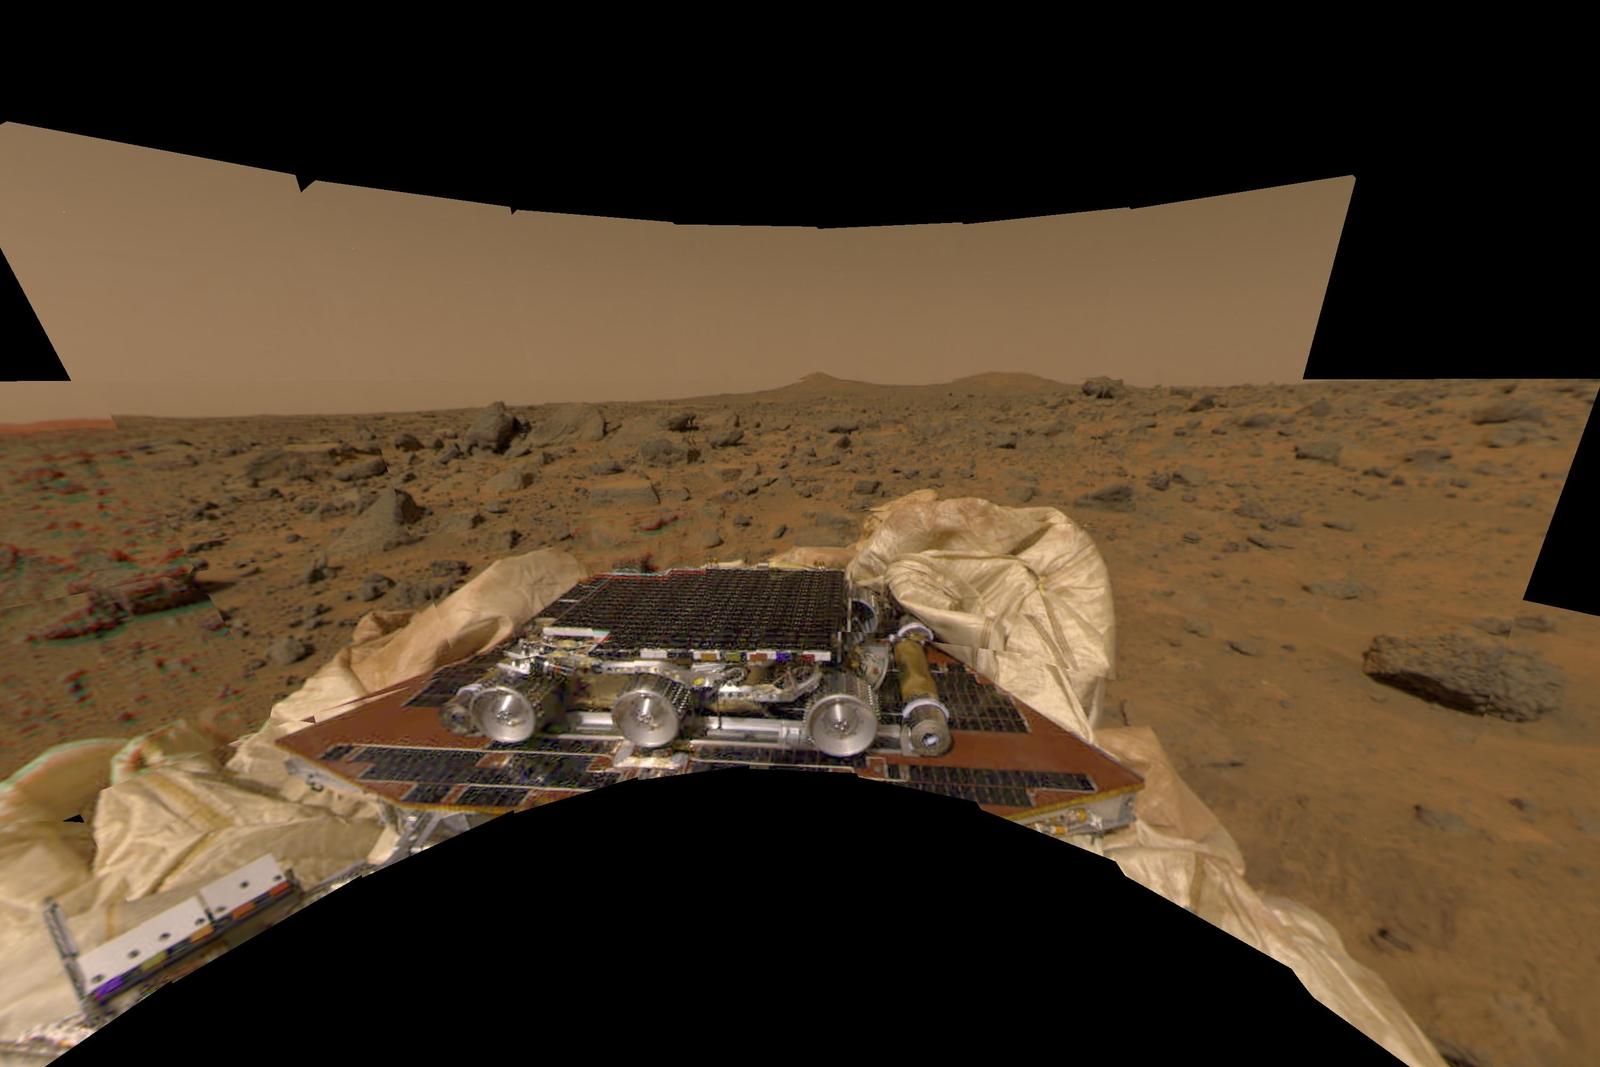 mars rover july 4 1997 - photo #7